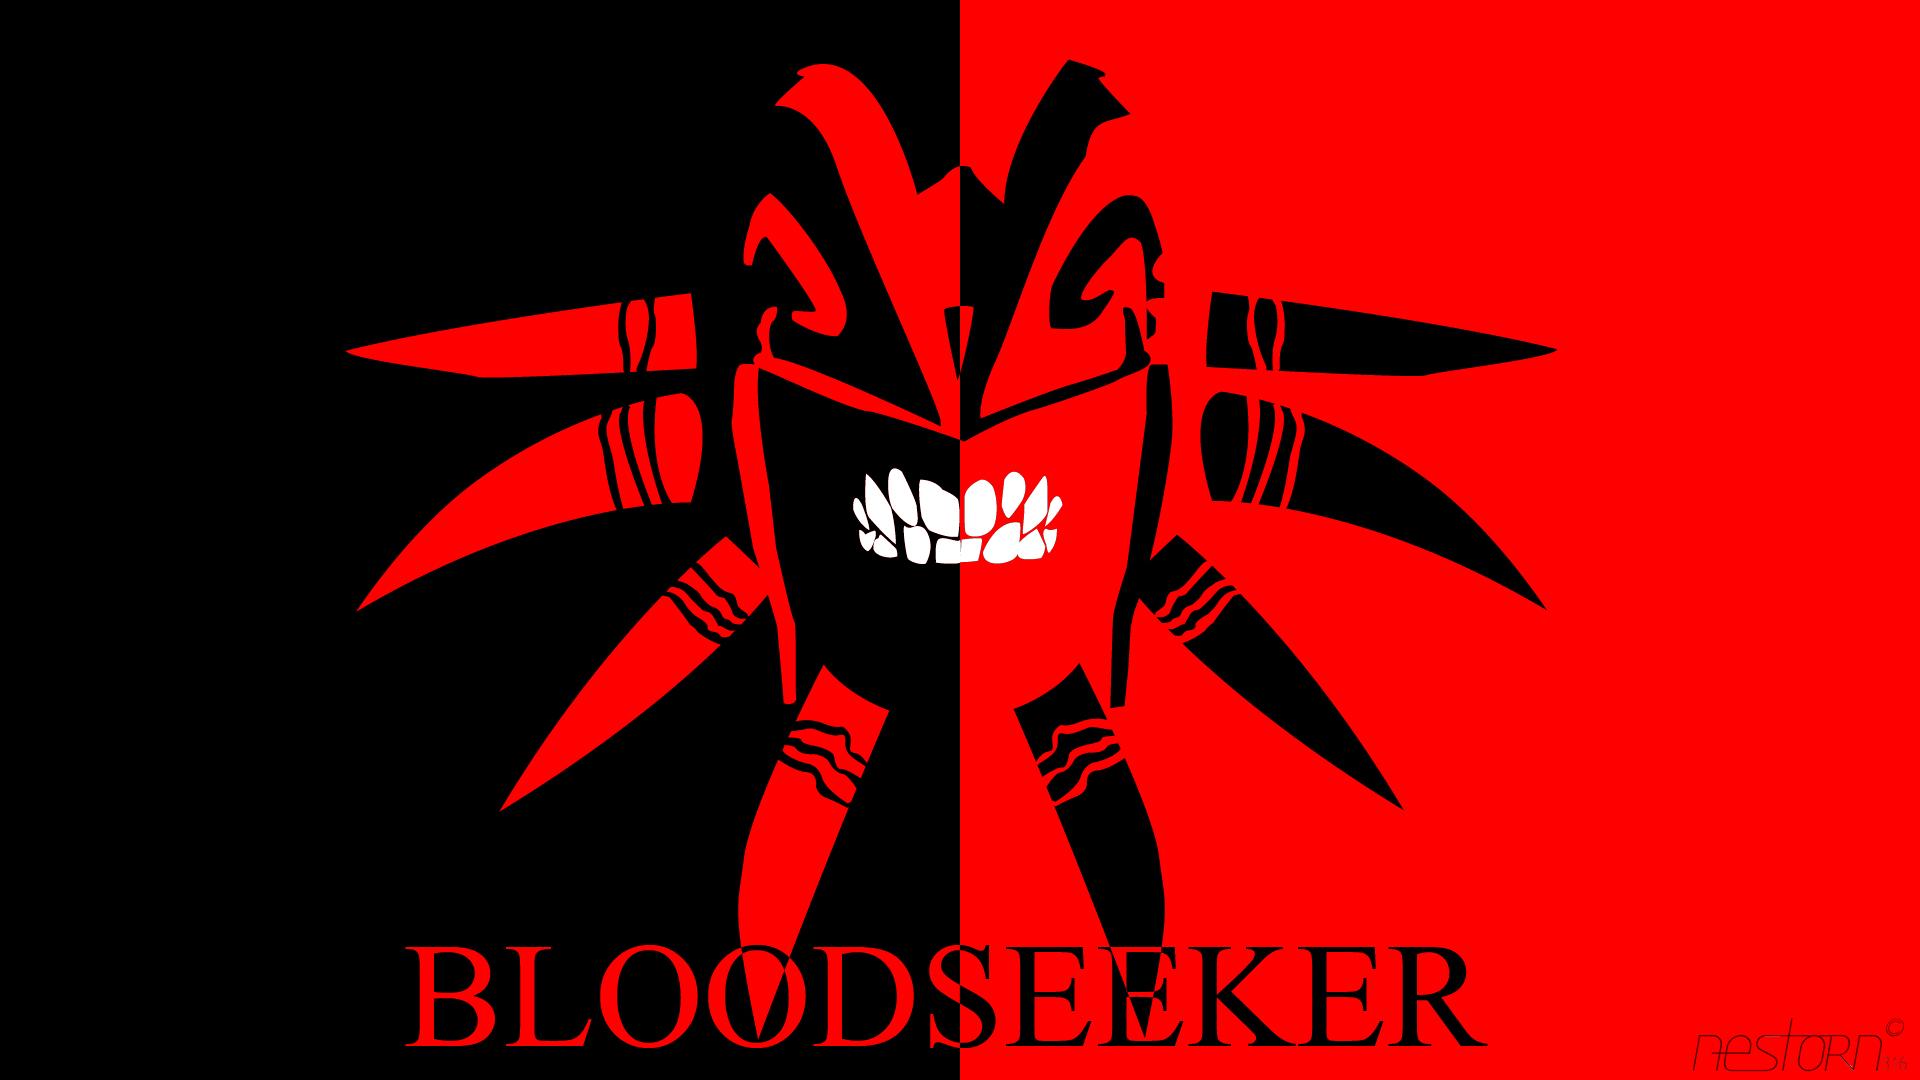 Strygwyr The Bloodseeker By Nestorn316